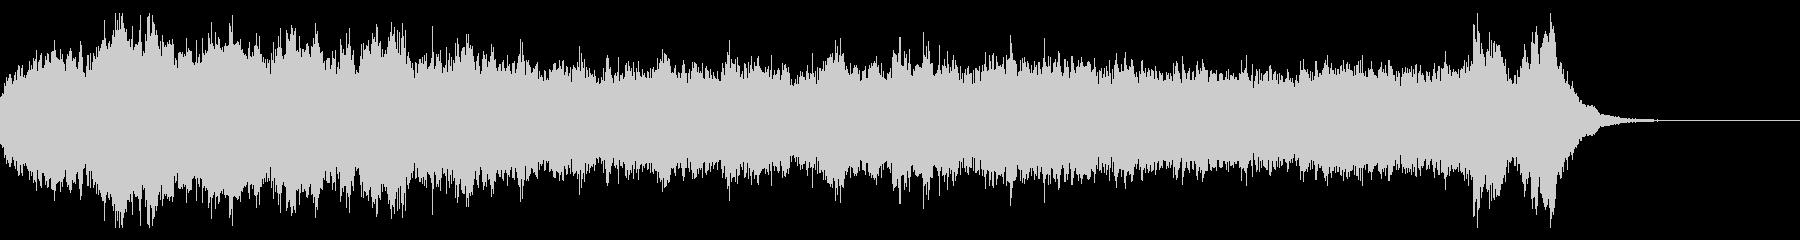 ブラームス 交響曲一番 冒頭のみの未再生の波形